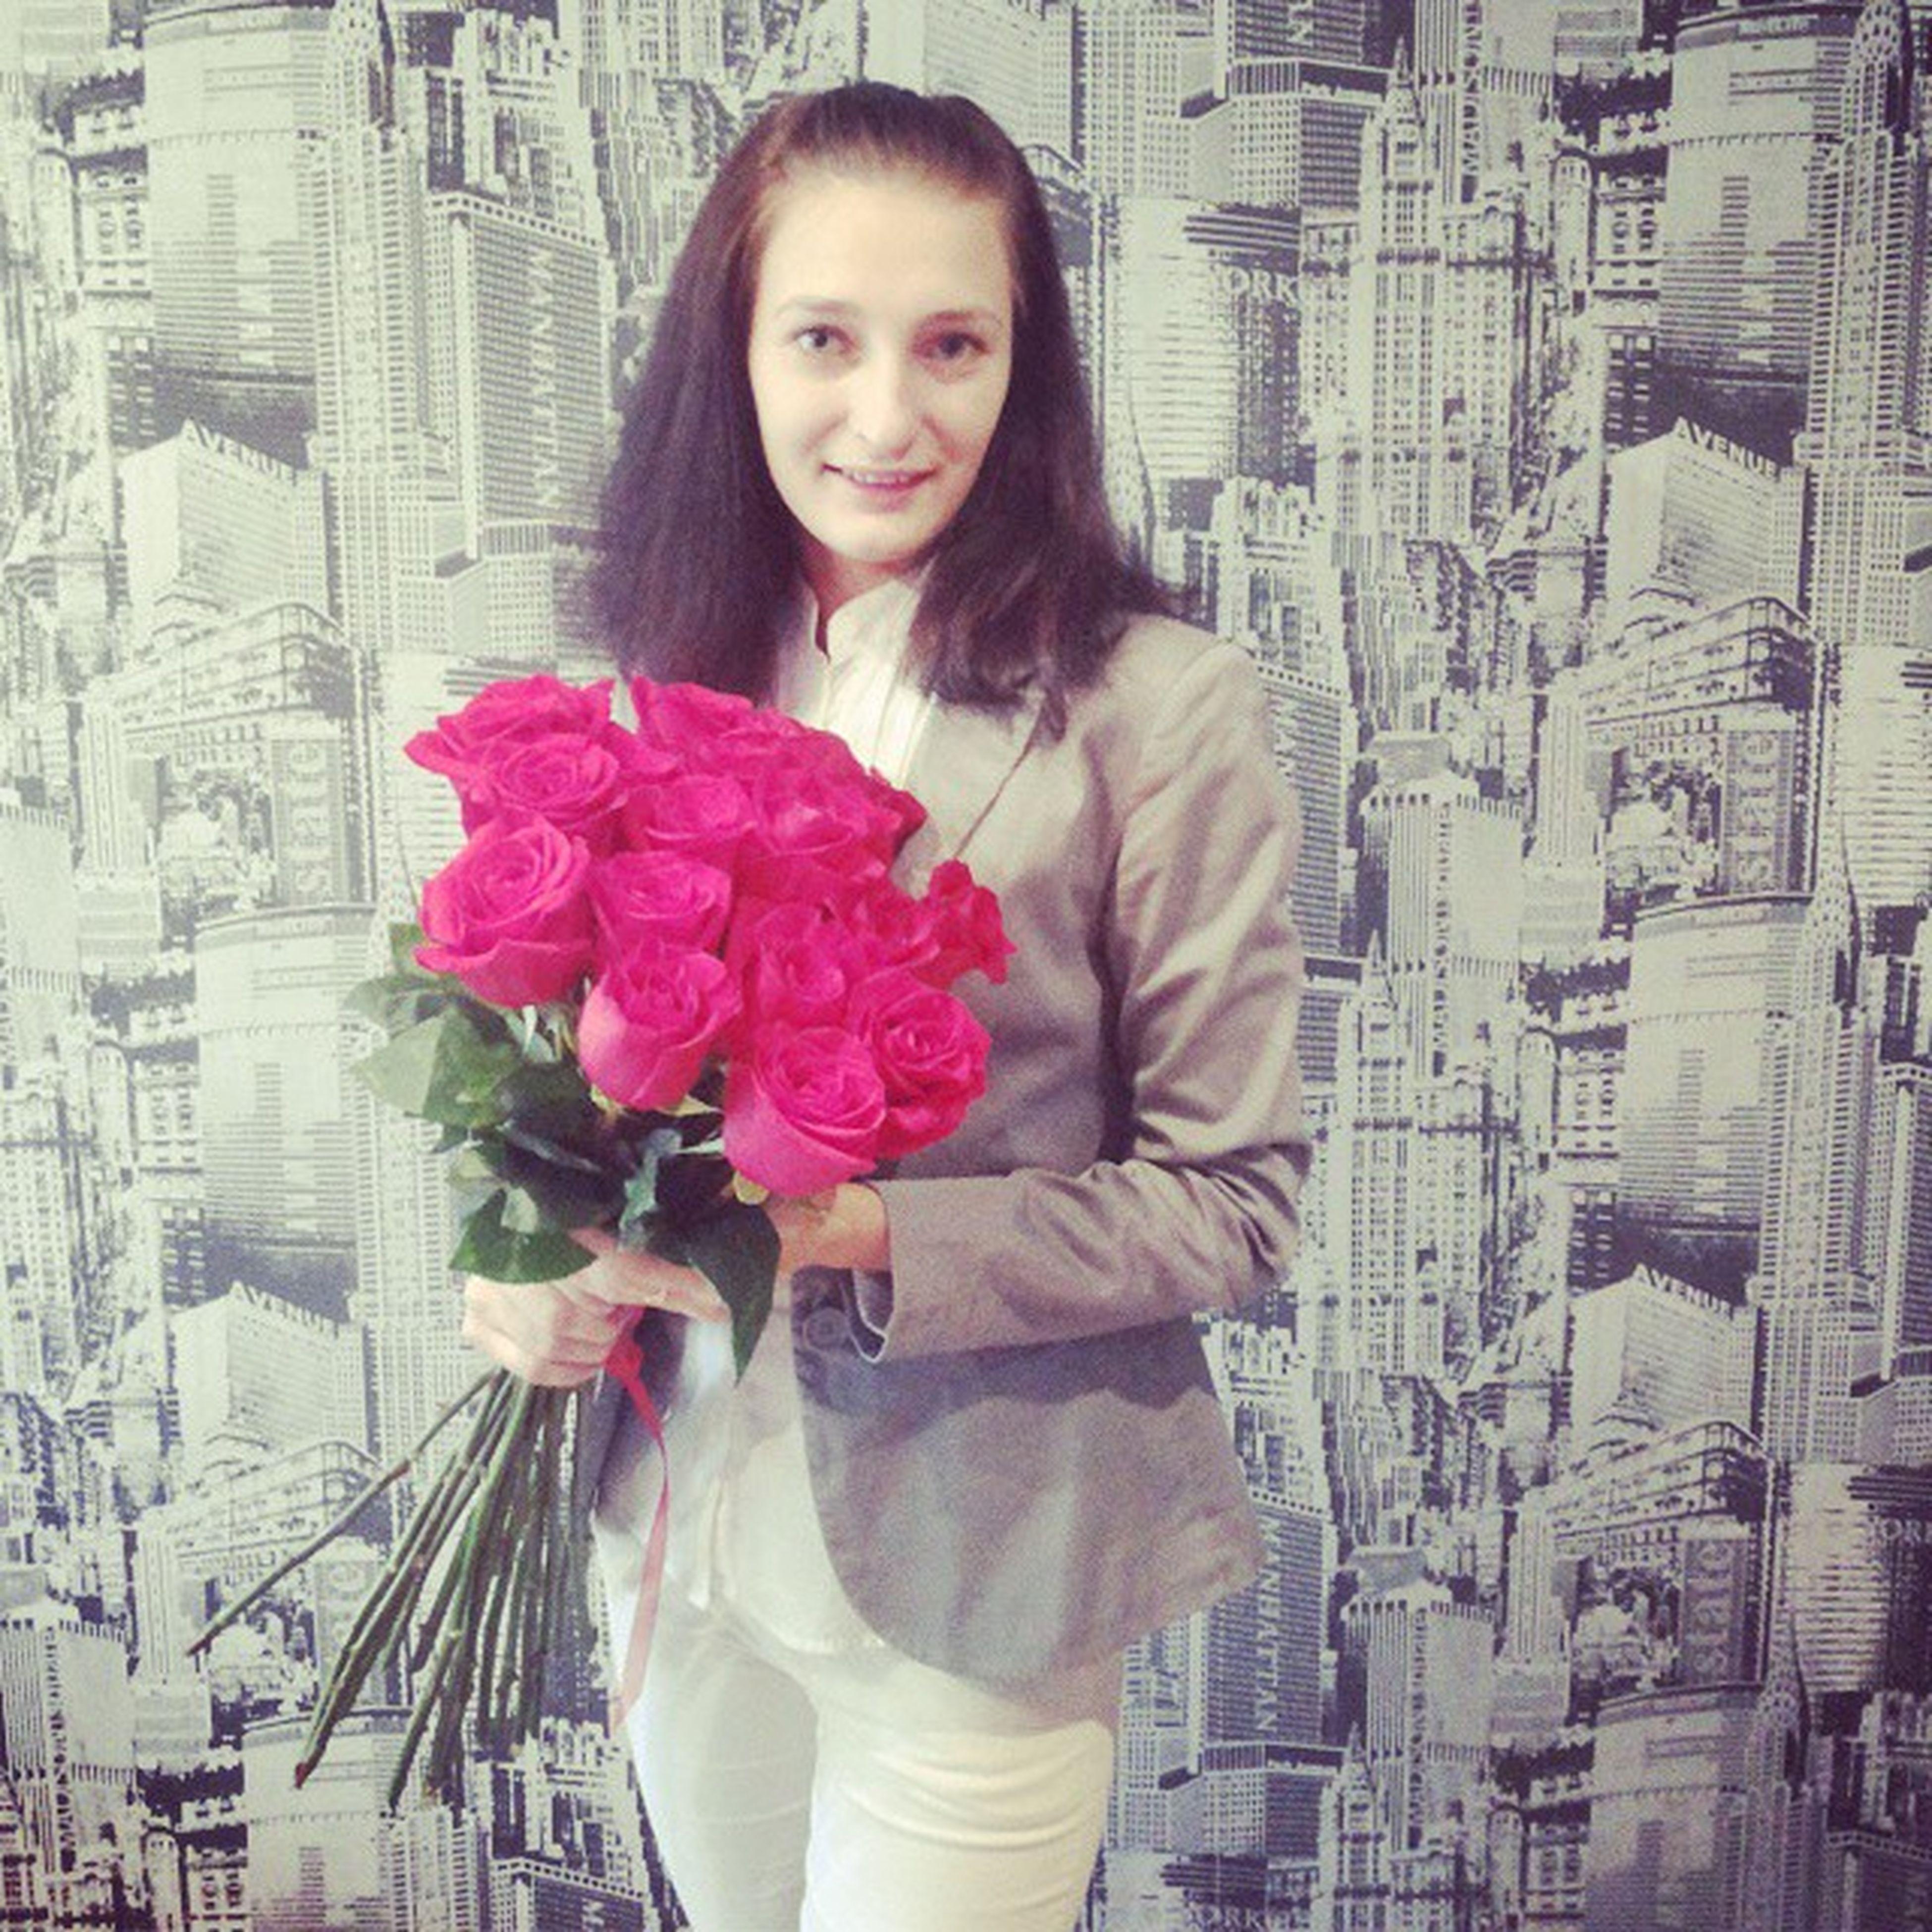 День рождение)))))праздник праздник именины ужевзрослая отмечатьрозыцветы